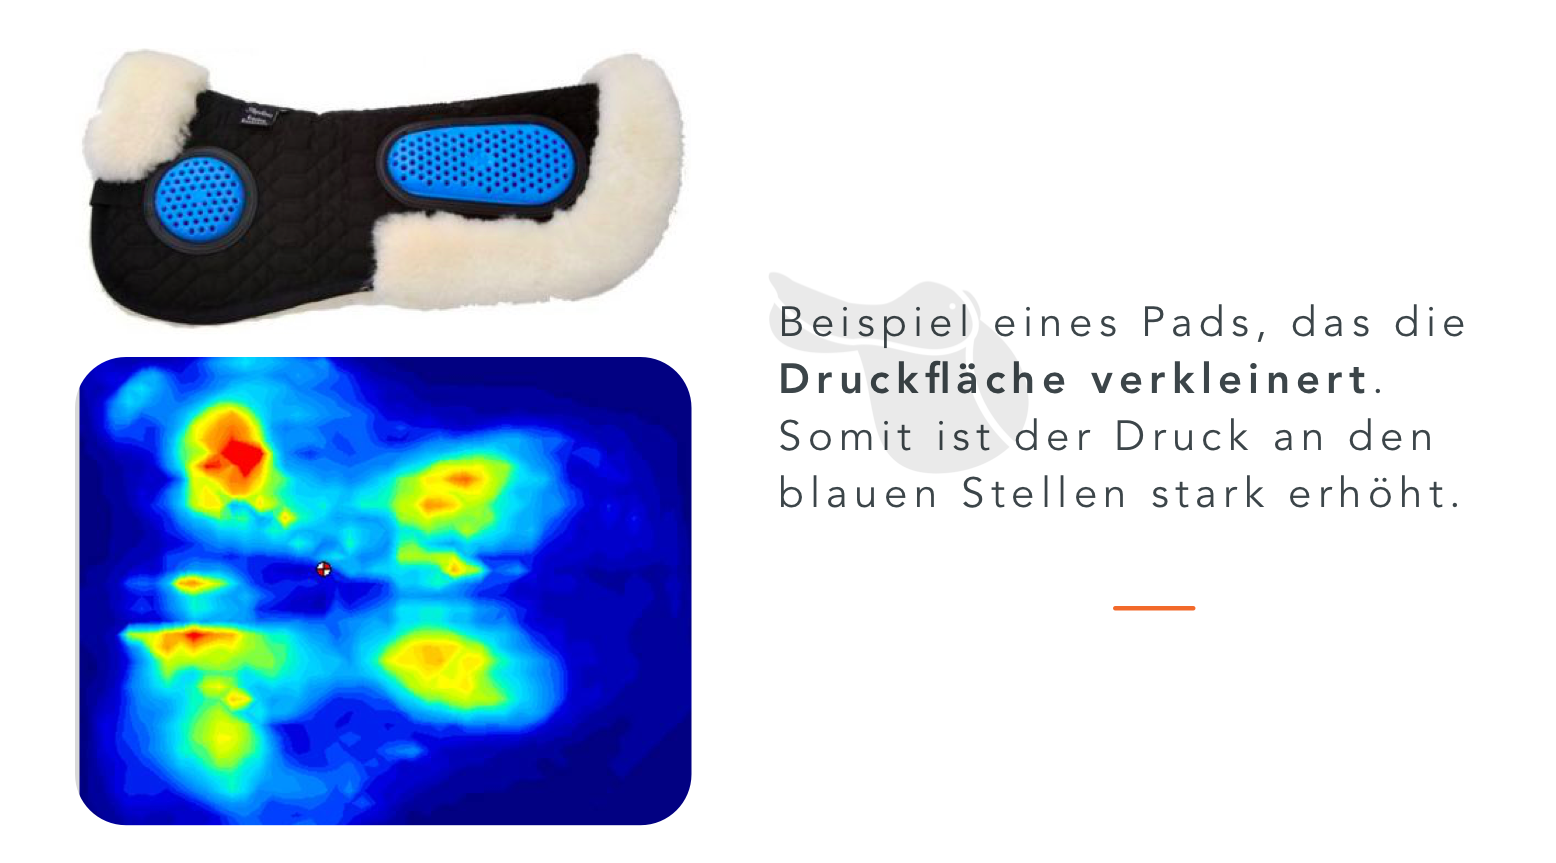 Sattelpad_Beispiel_Druck_8